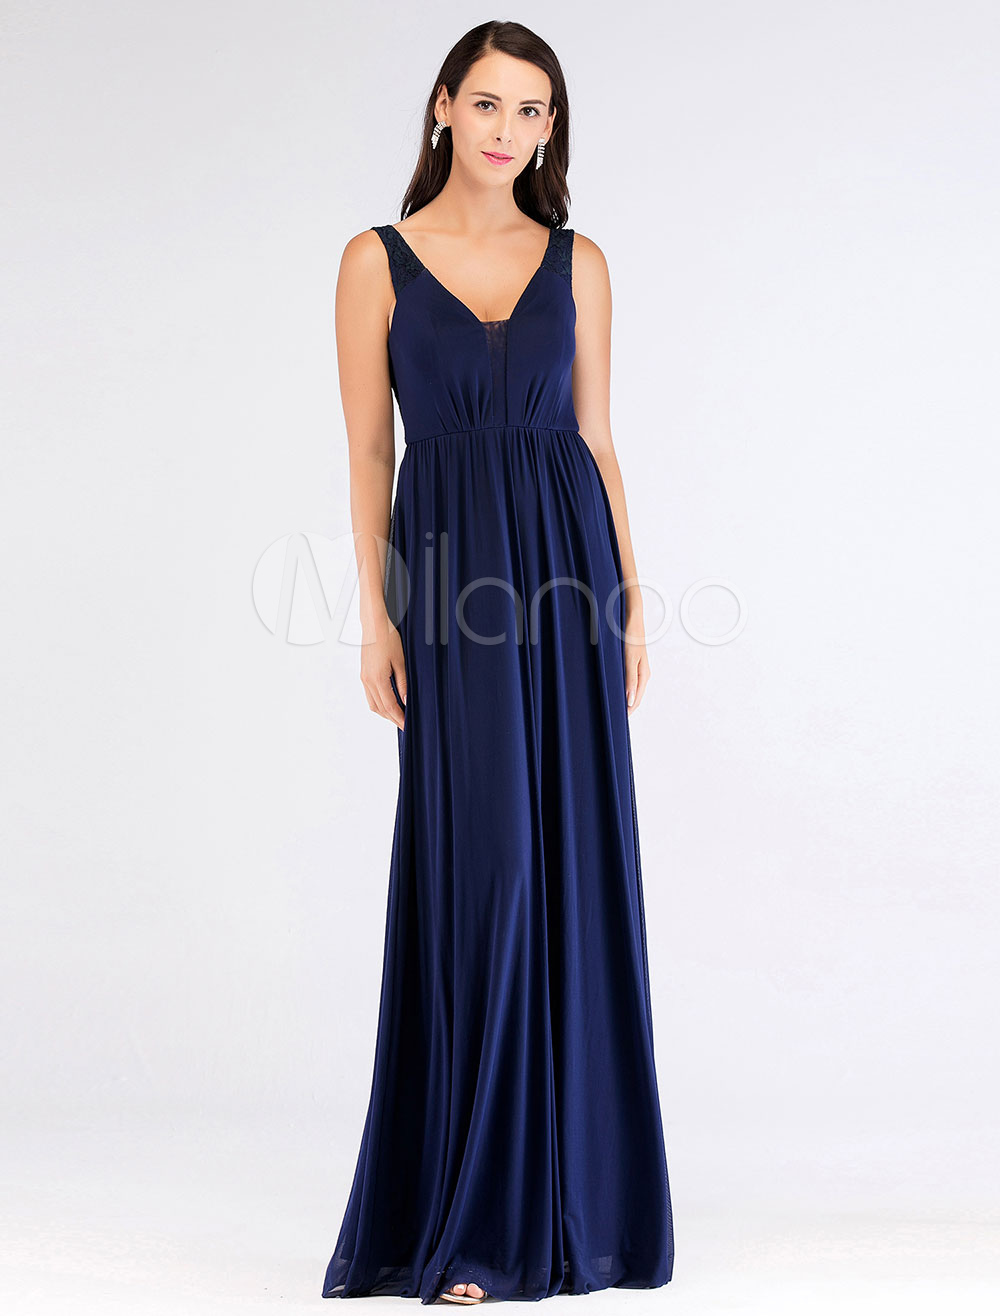 abendkleider v-ausschnitt blau abendkleid lange chiffon a line brautjungfer  kleid